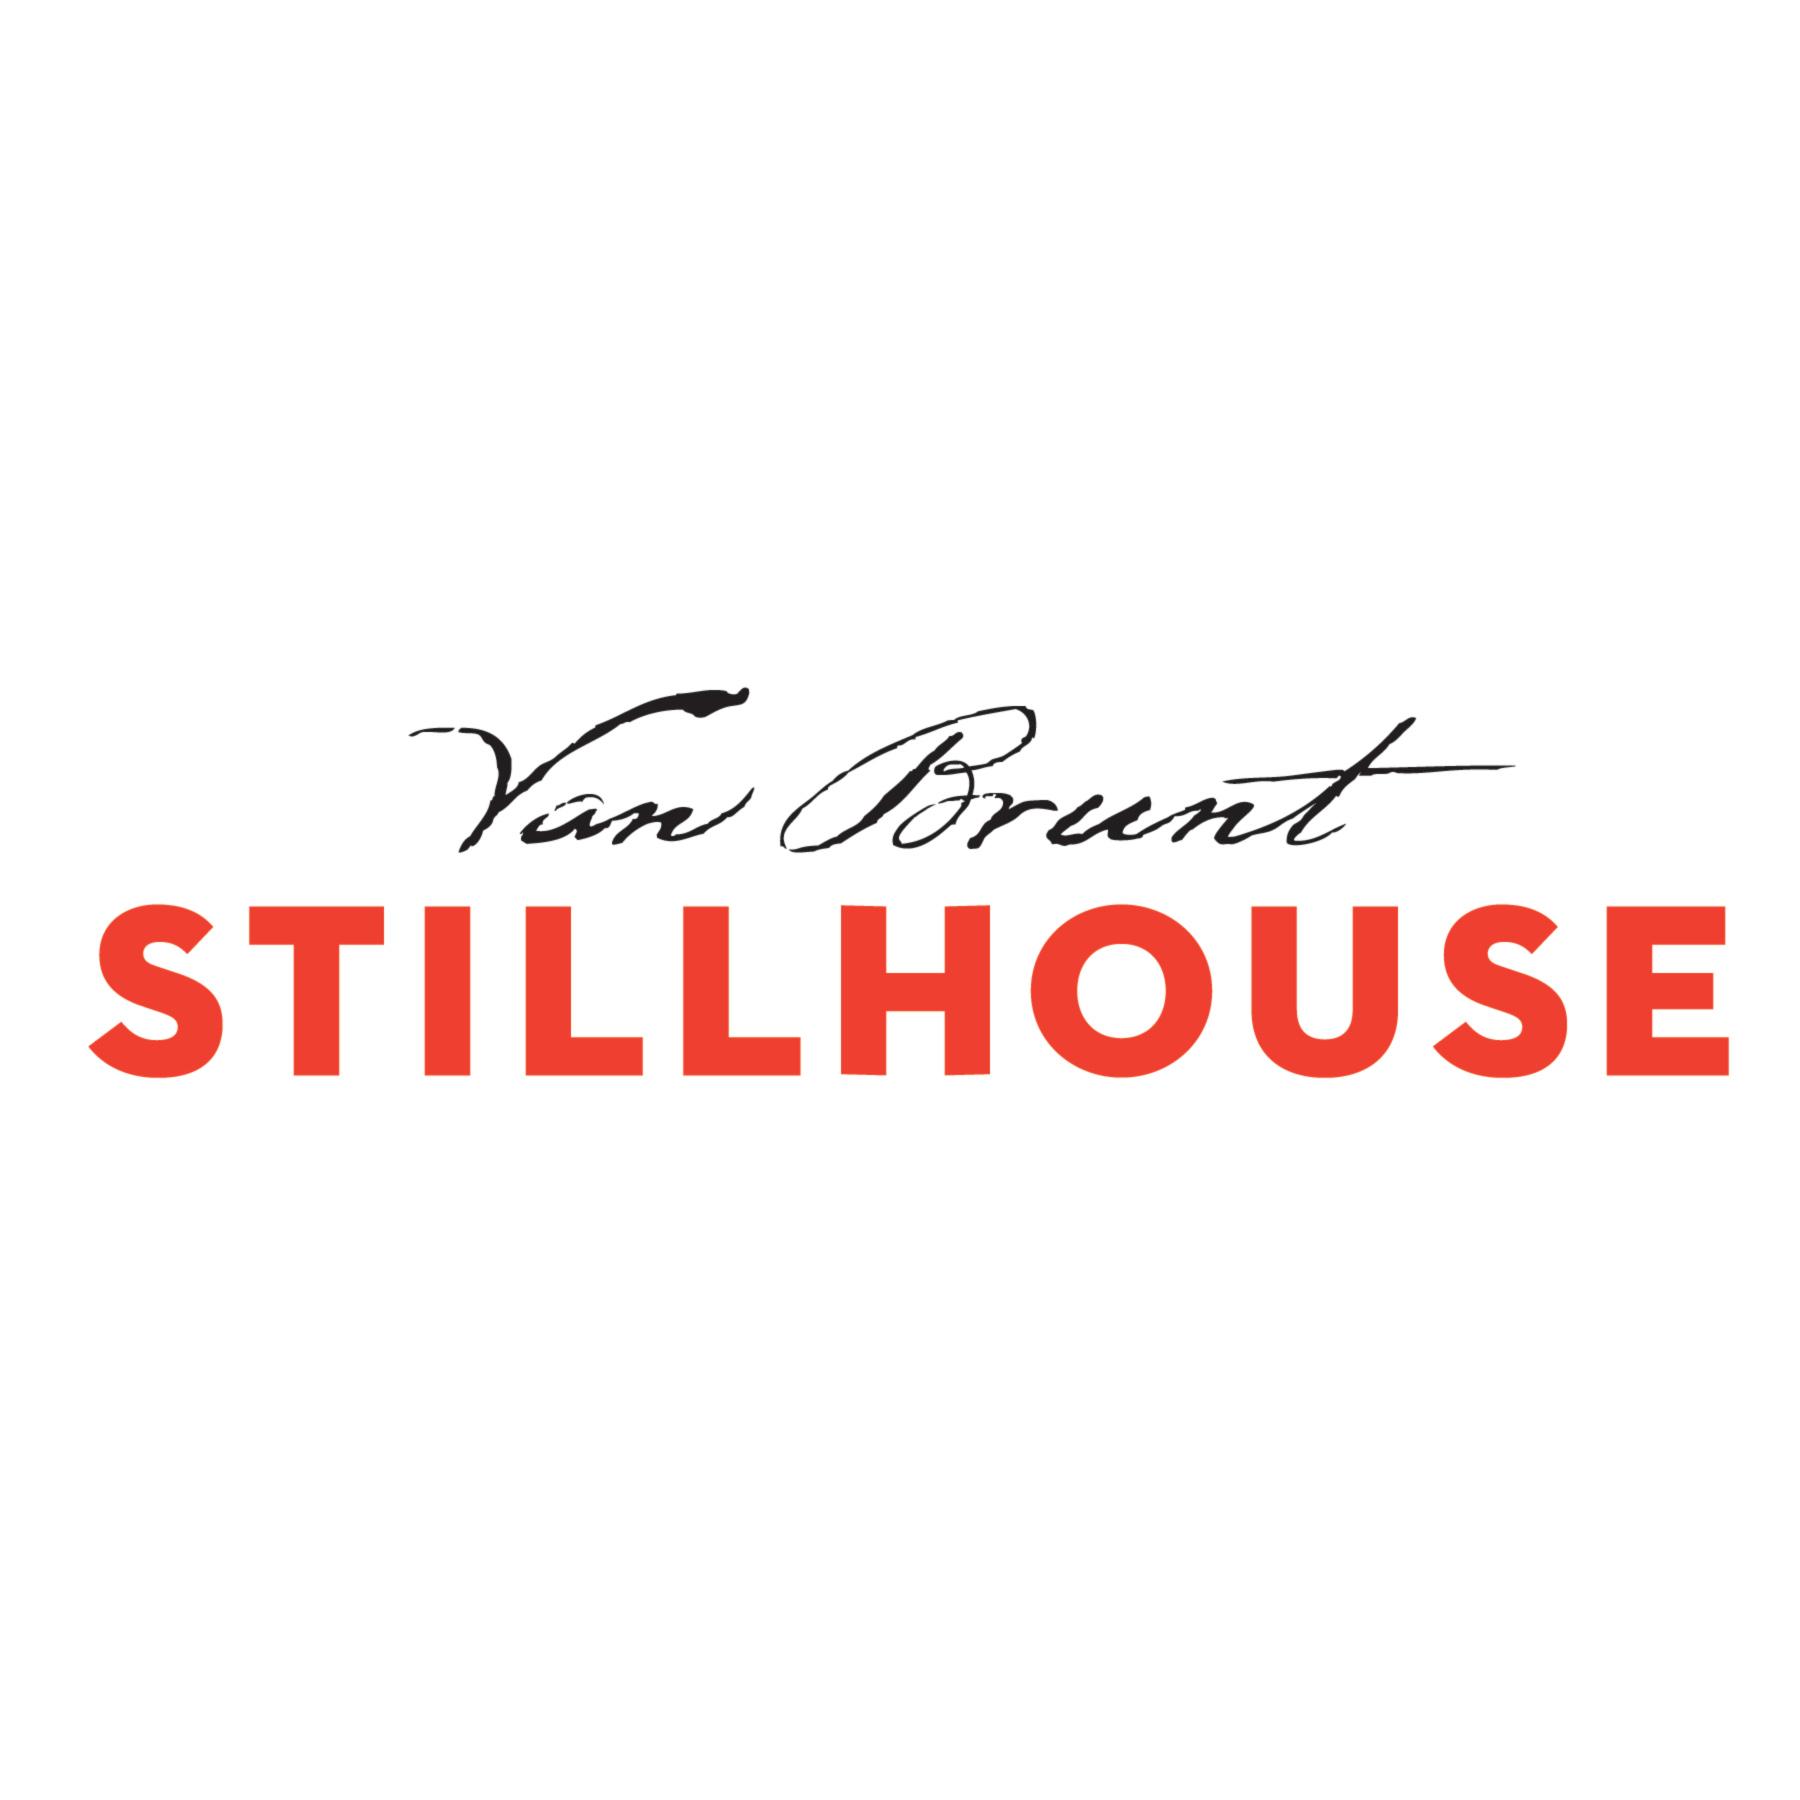 Stillhouse_logoSQ.jpg